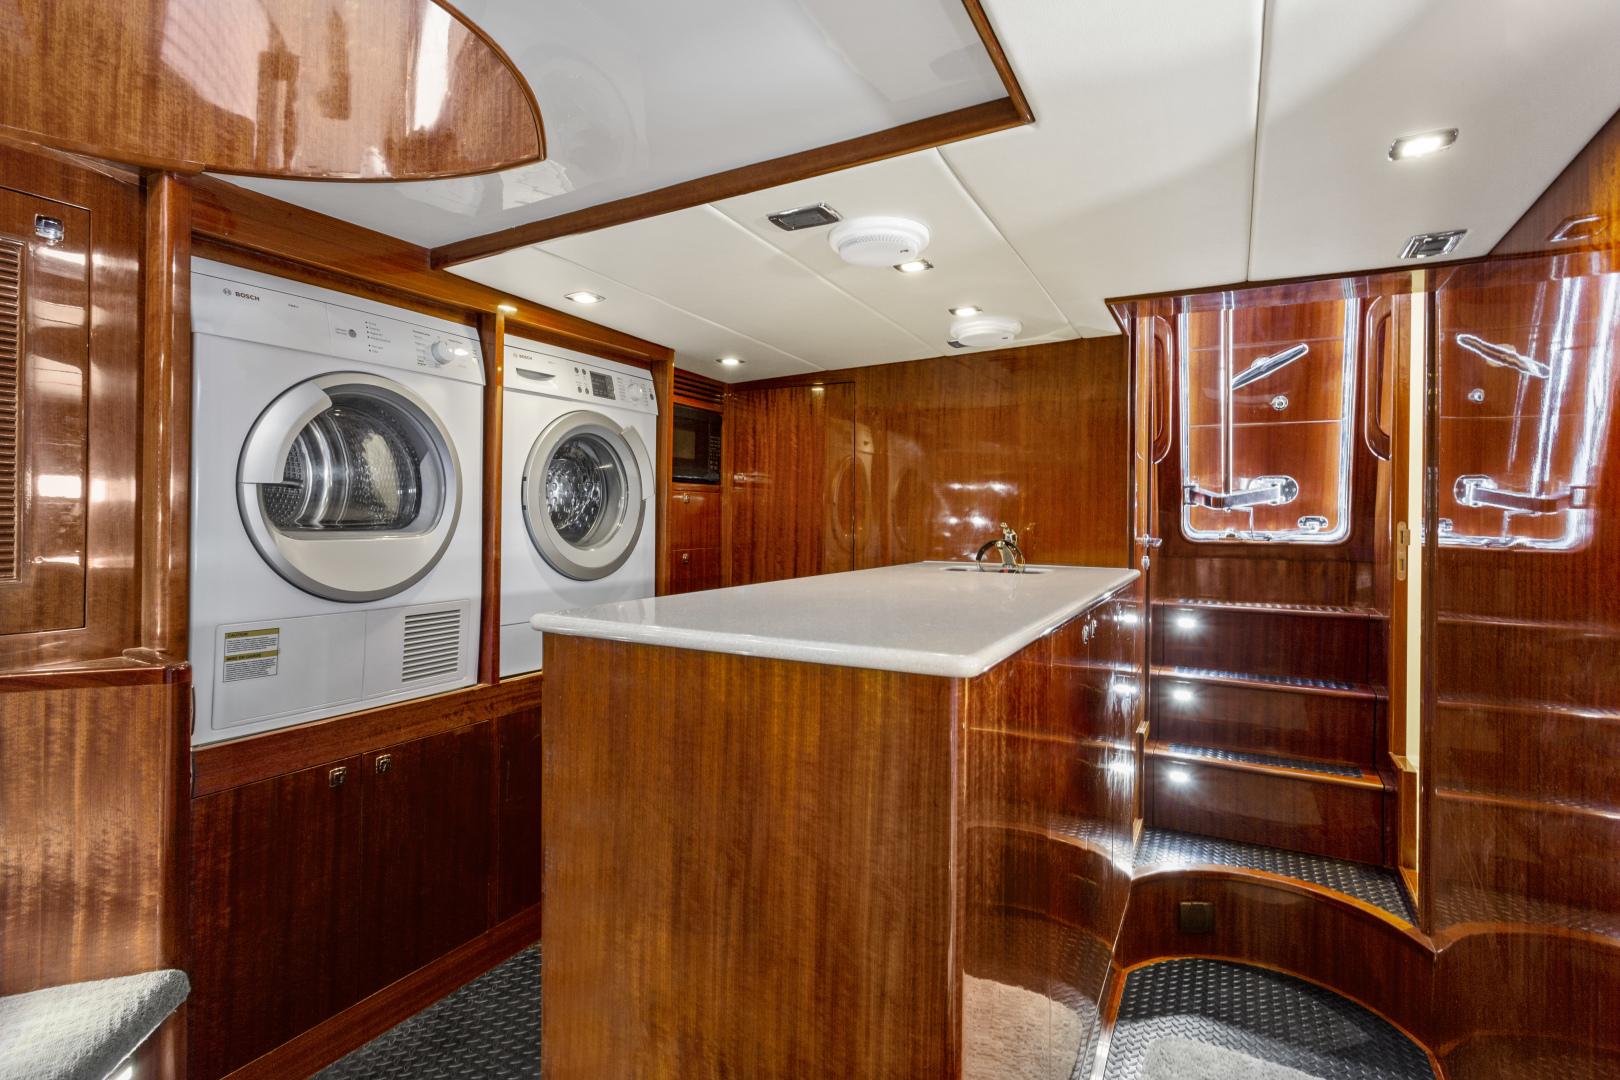 Hampton-76 Skylounge Motoryacht 2014-ODYSEA San Diego-California-United States-UTILITY ROOM-1165175 | Thumbnail